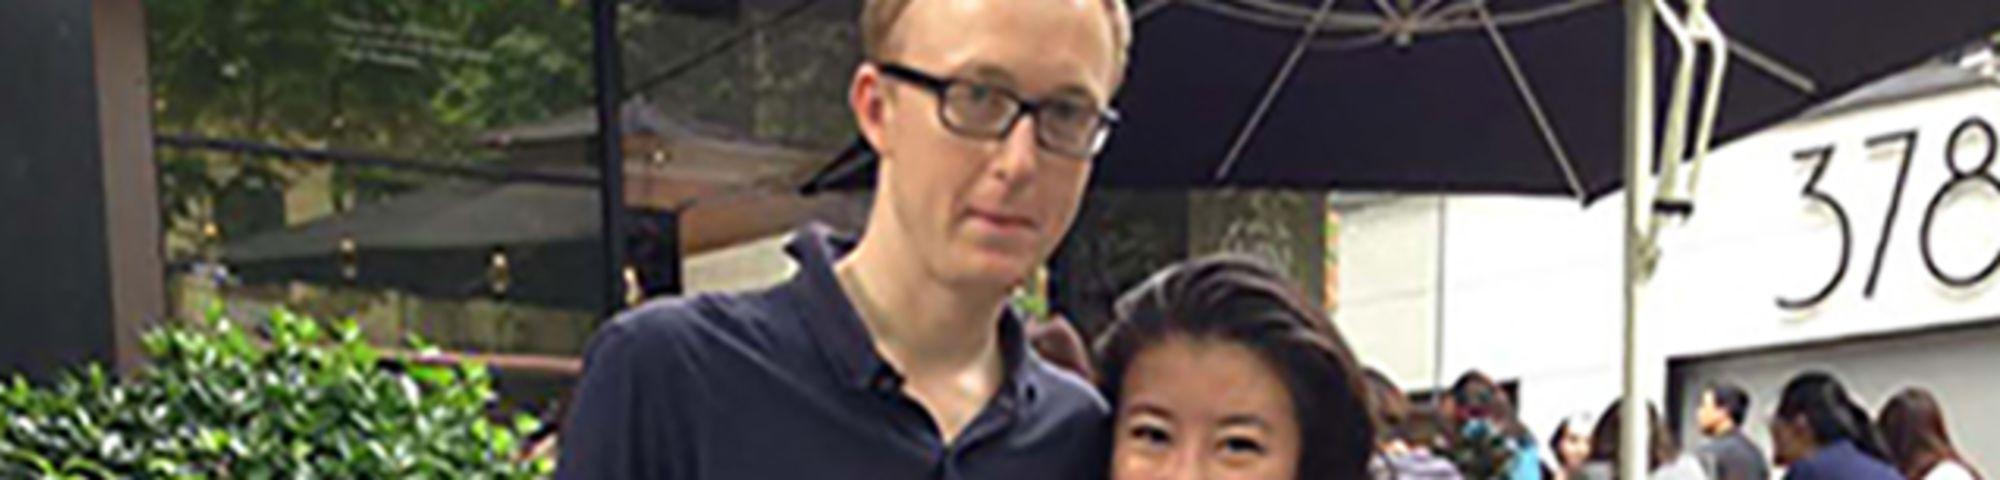 Oli and Jiang